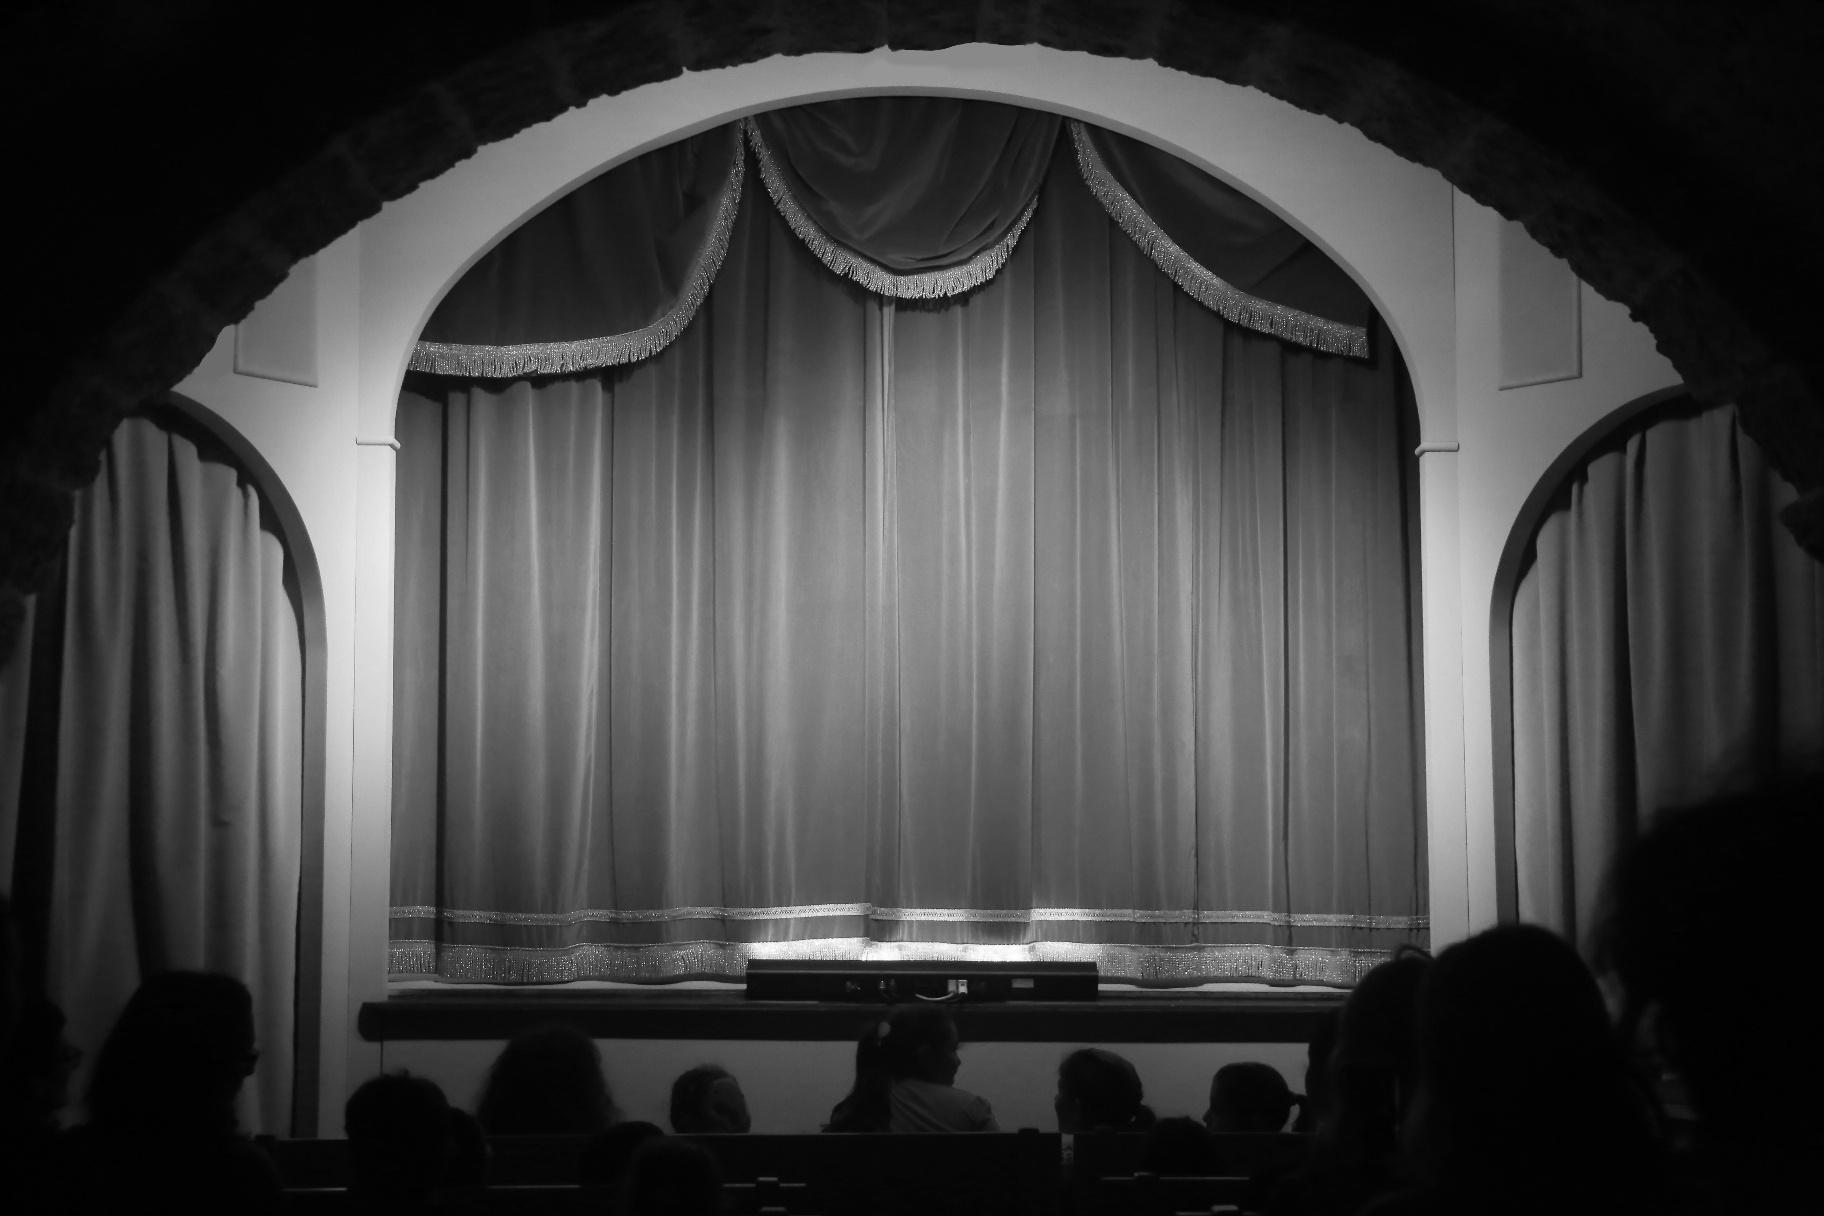 """Siracusa, si alza il sipario su """"Giudecca Cine & Drama""""  Domani proiezione del film """"L'uomo che ride"""" di Paul Leni"""